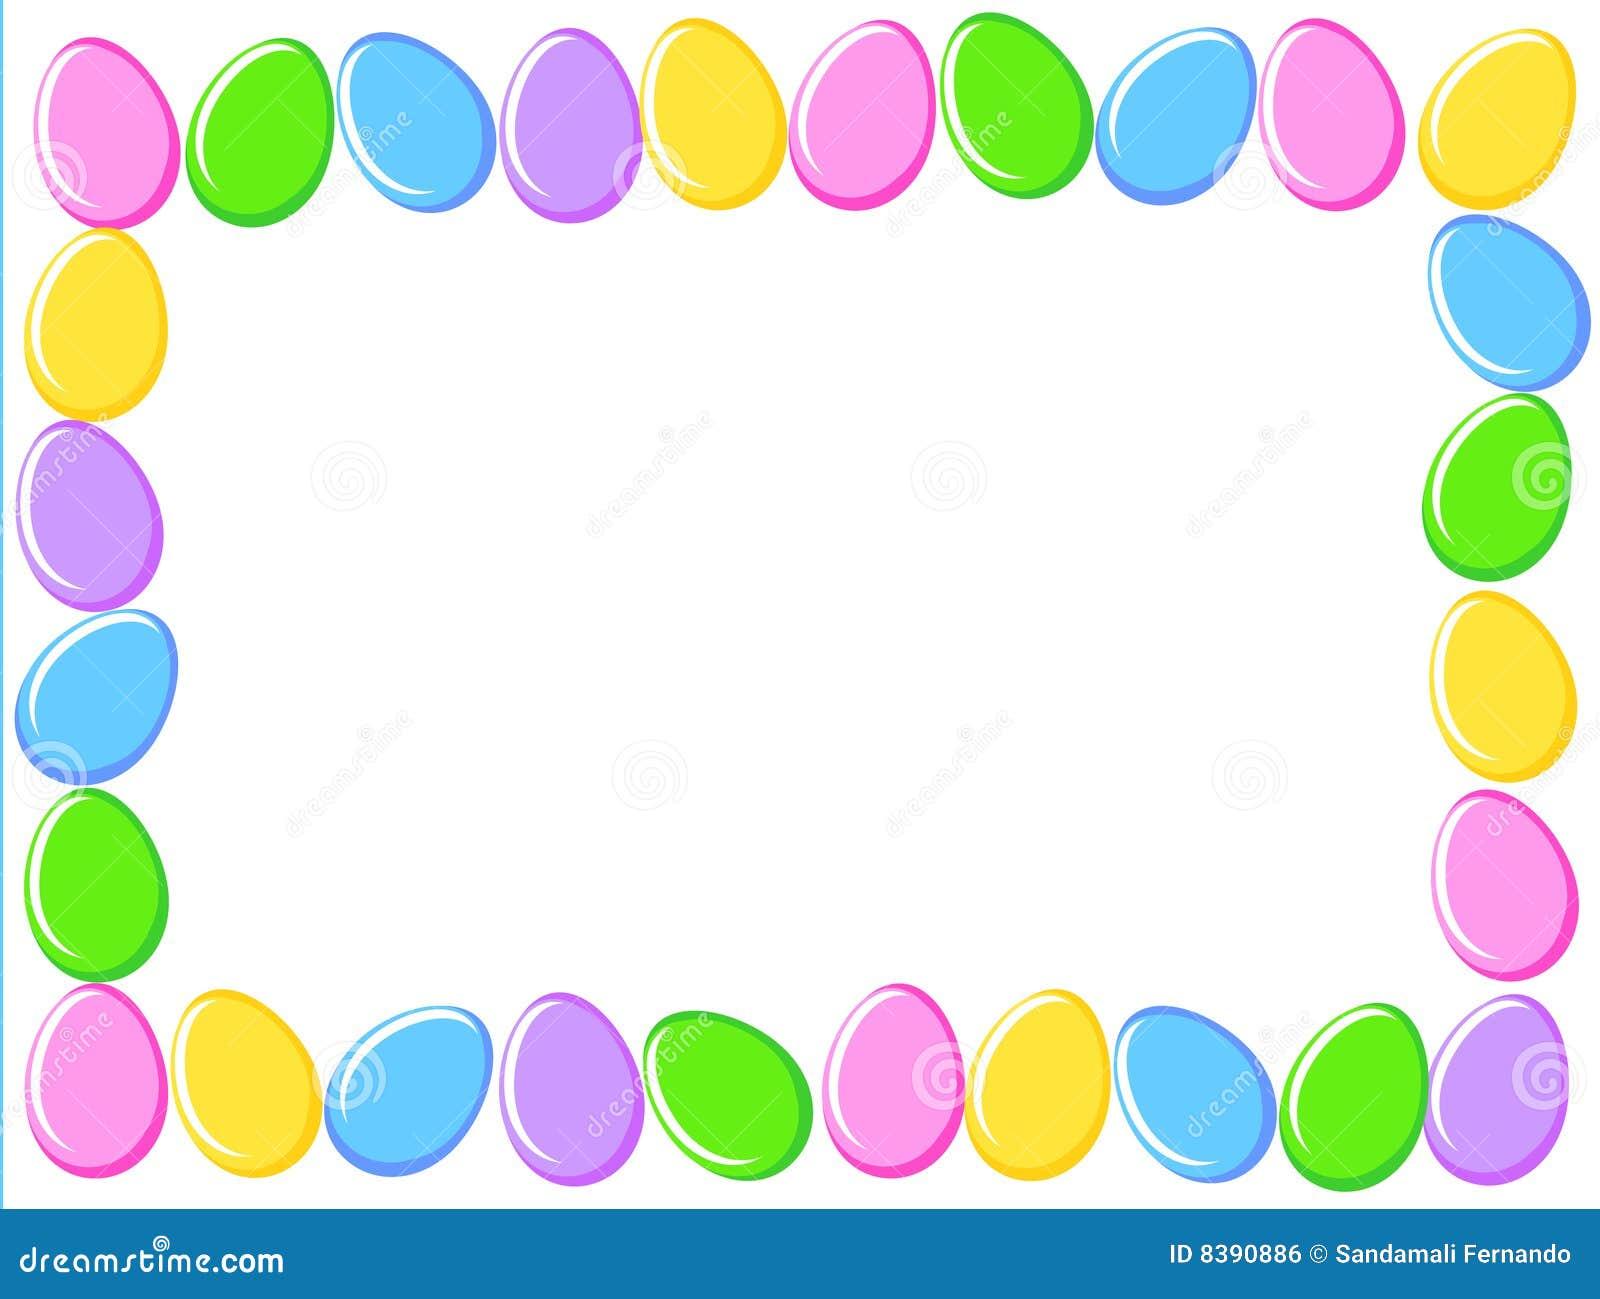 Easter Eggs Border Stock Vector. Illustration Of Frame